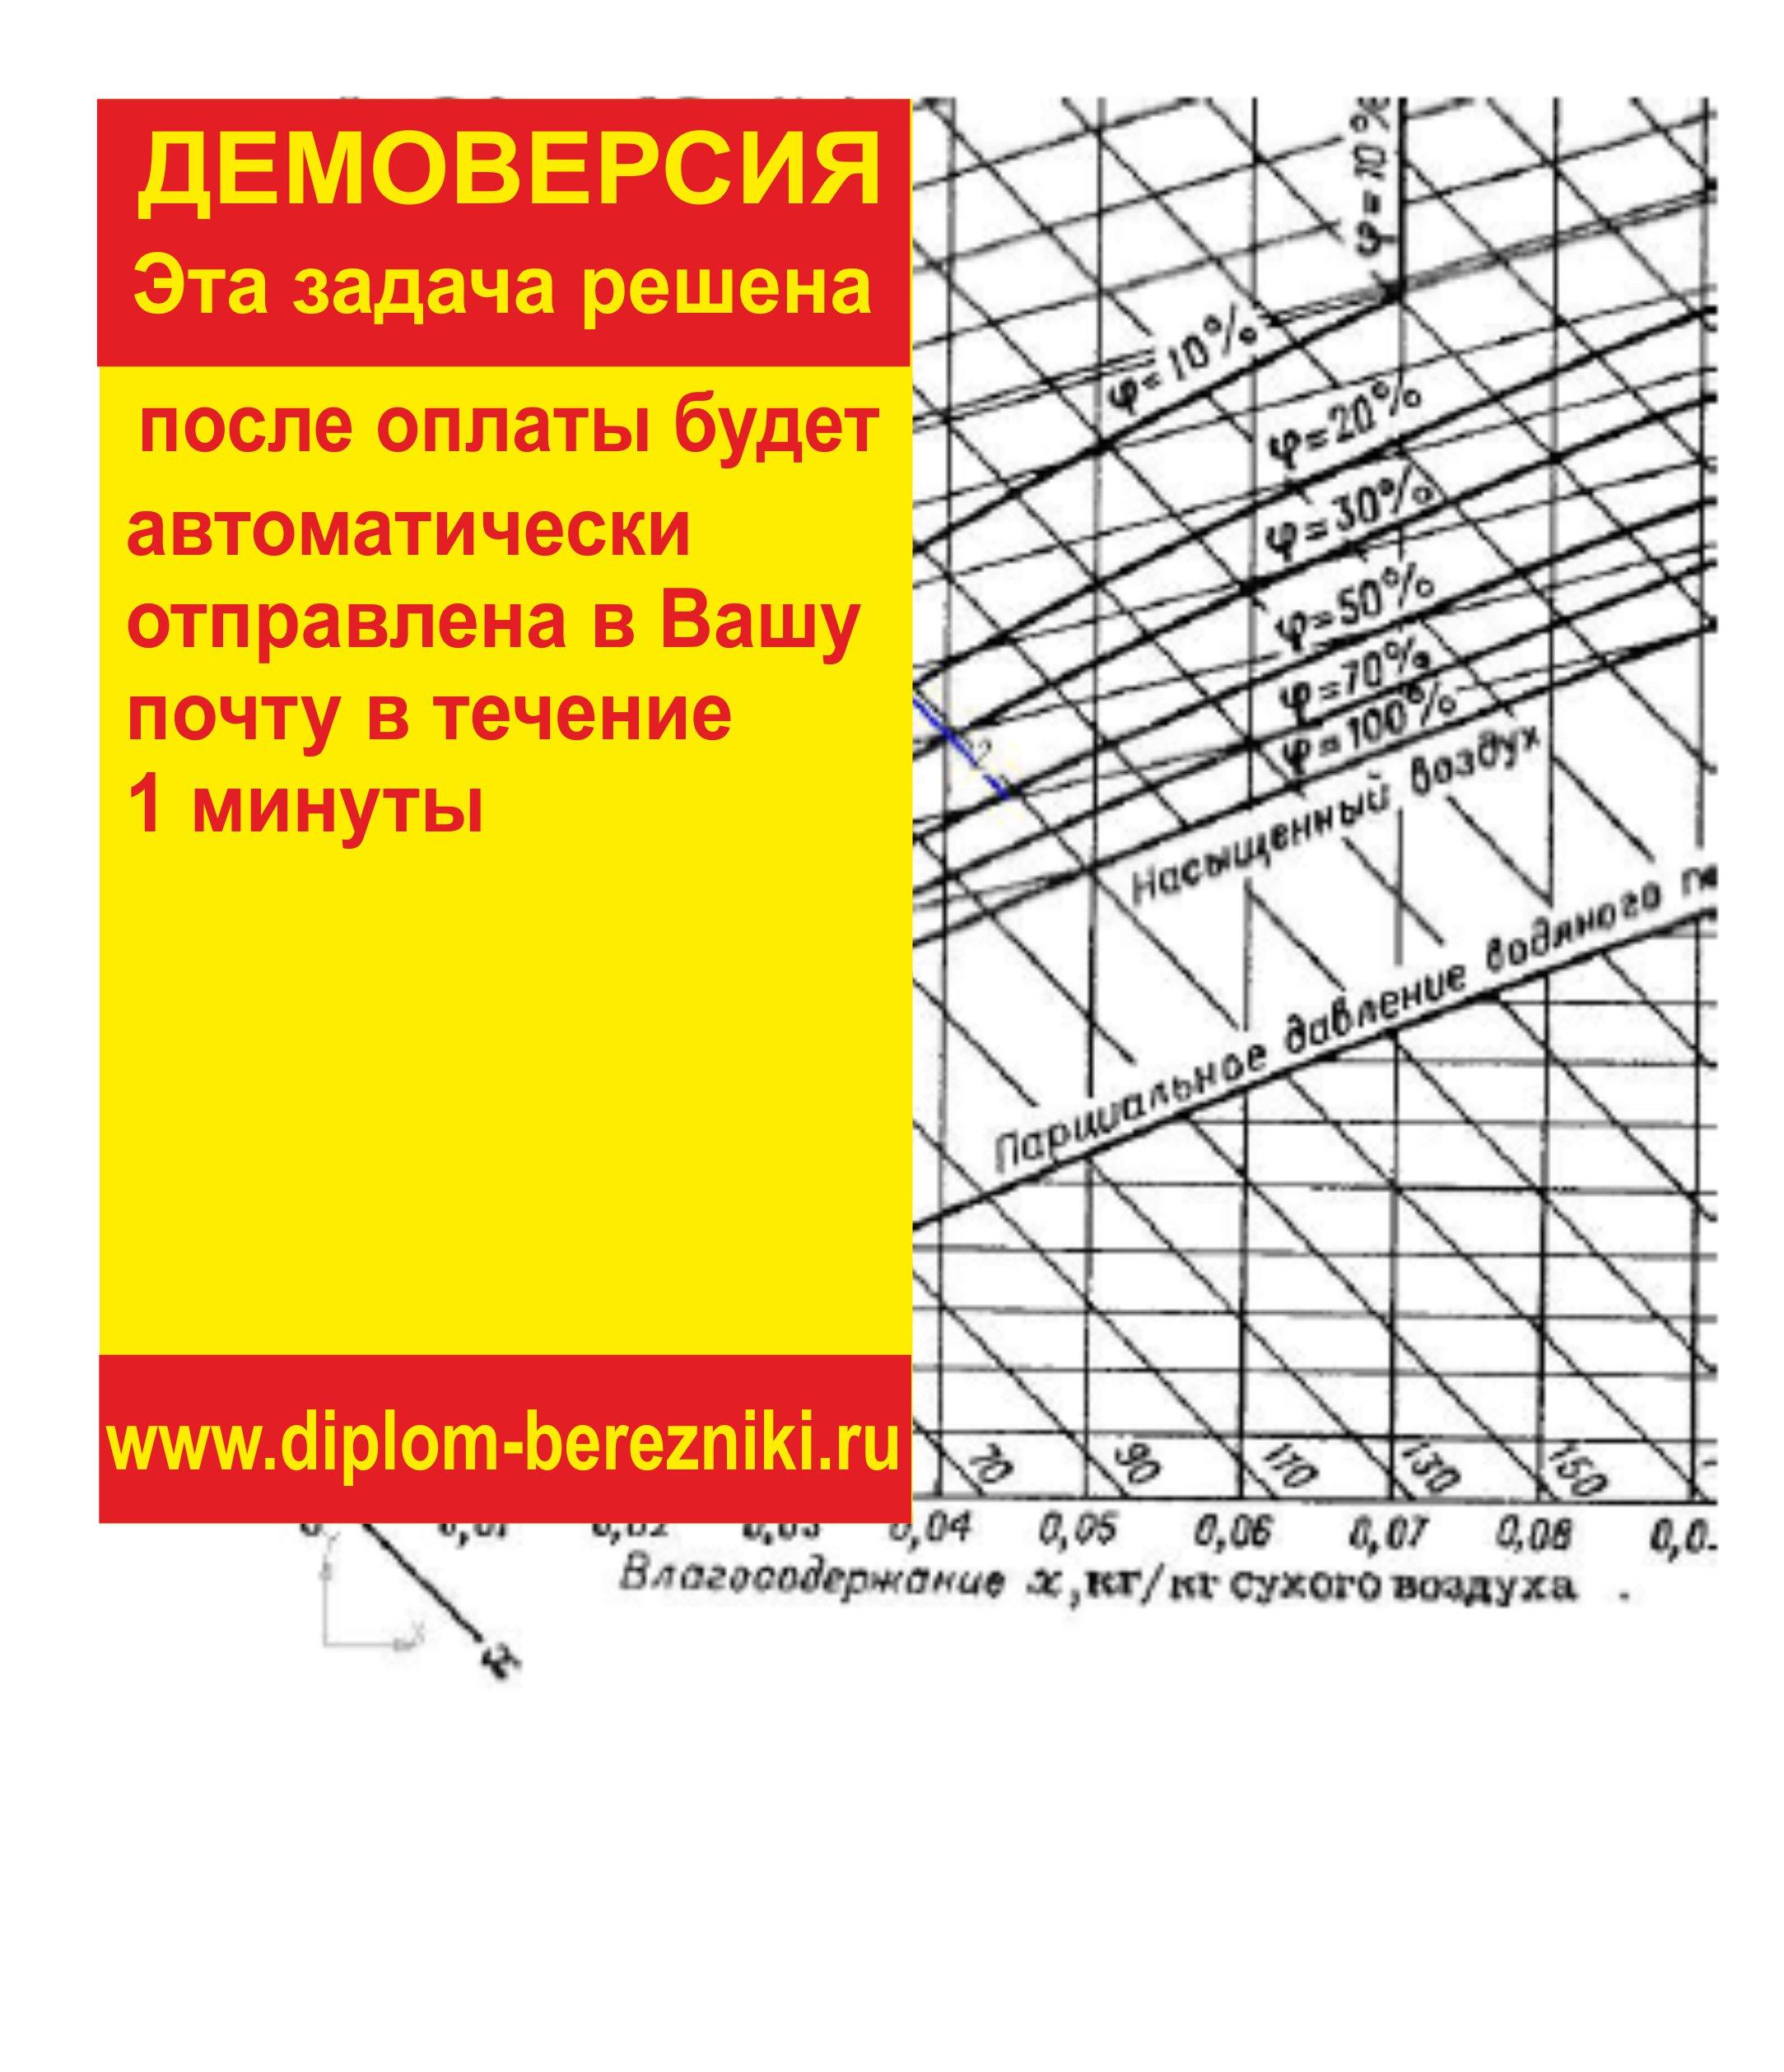 Решение задачи 10.33 по ПАХТ из задачника Павлова Романкова Носкова